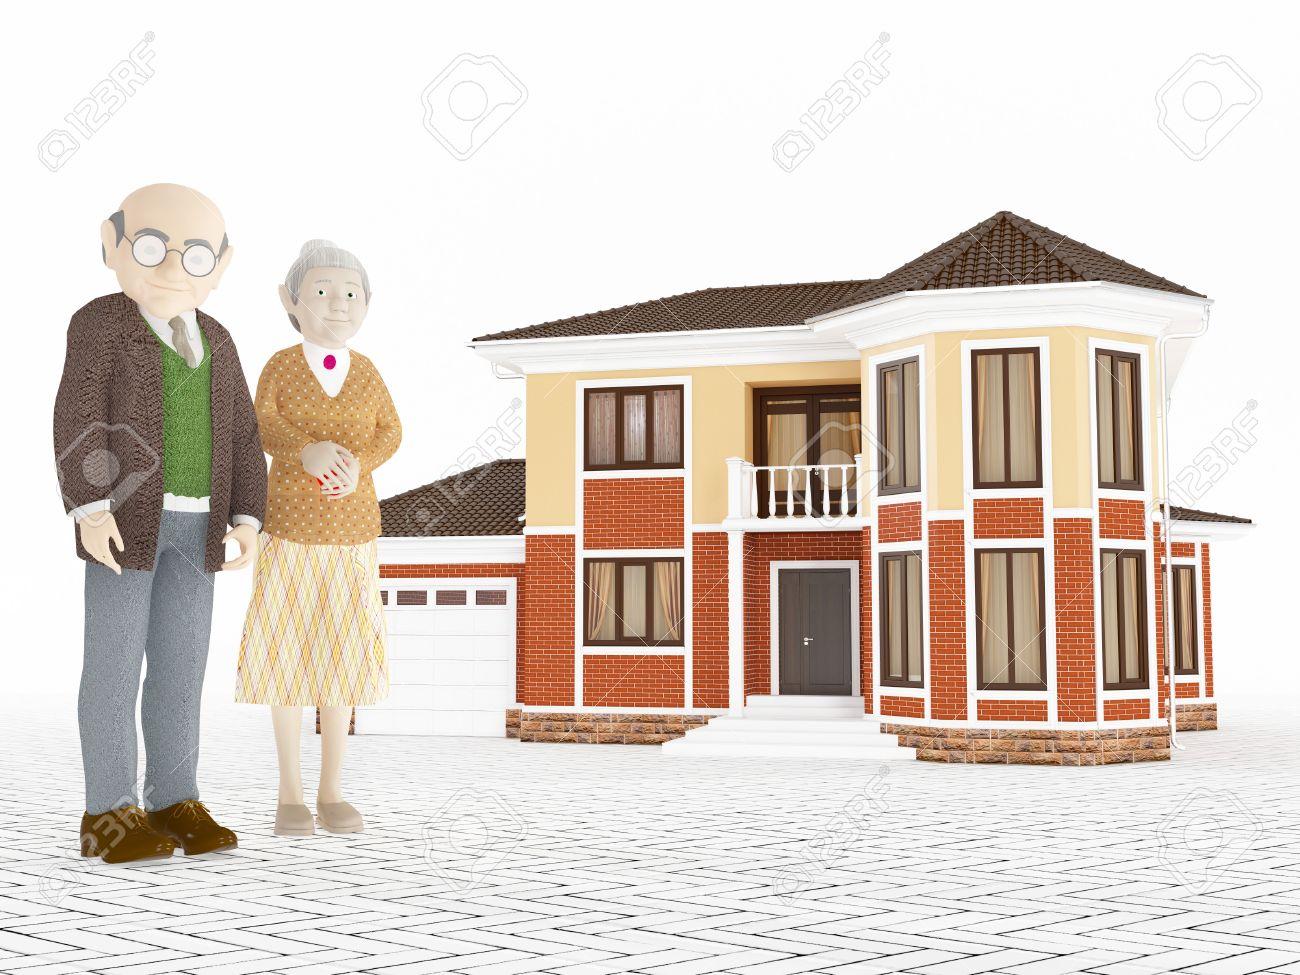 Banque dimages couple dessin animé senior debout en face de grande notion maison de retraite